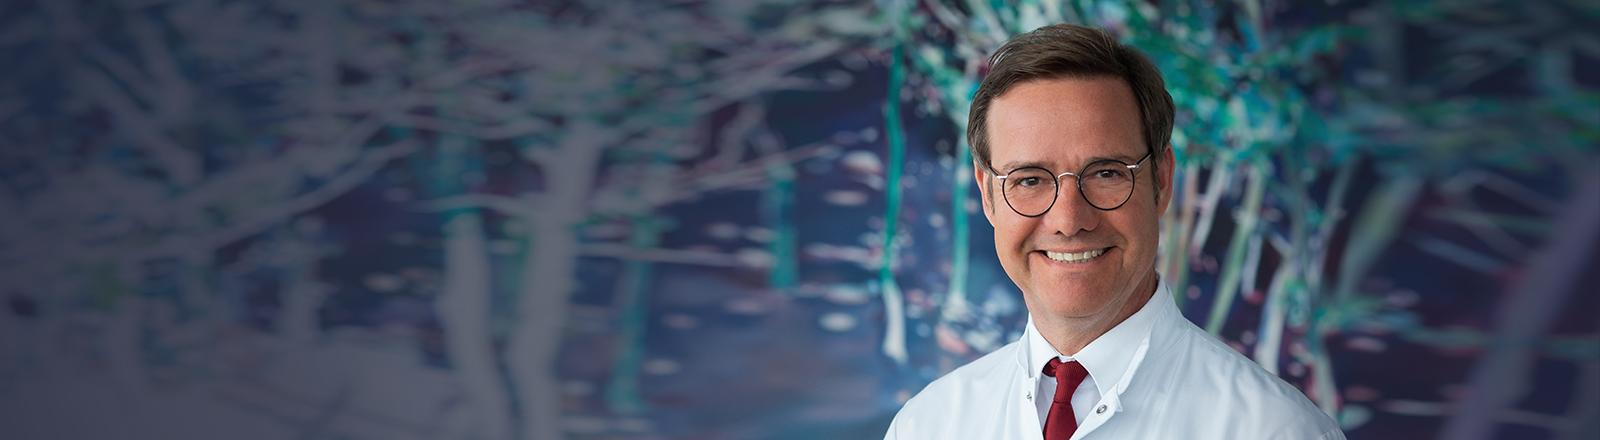 Portrait des Kardiologen und Sportmediziners Martin Halle